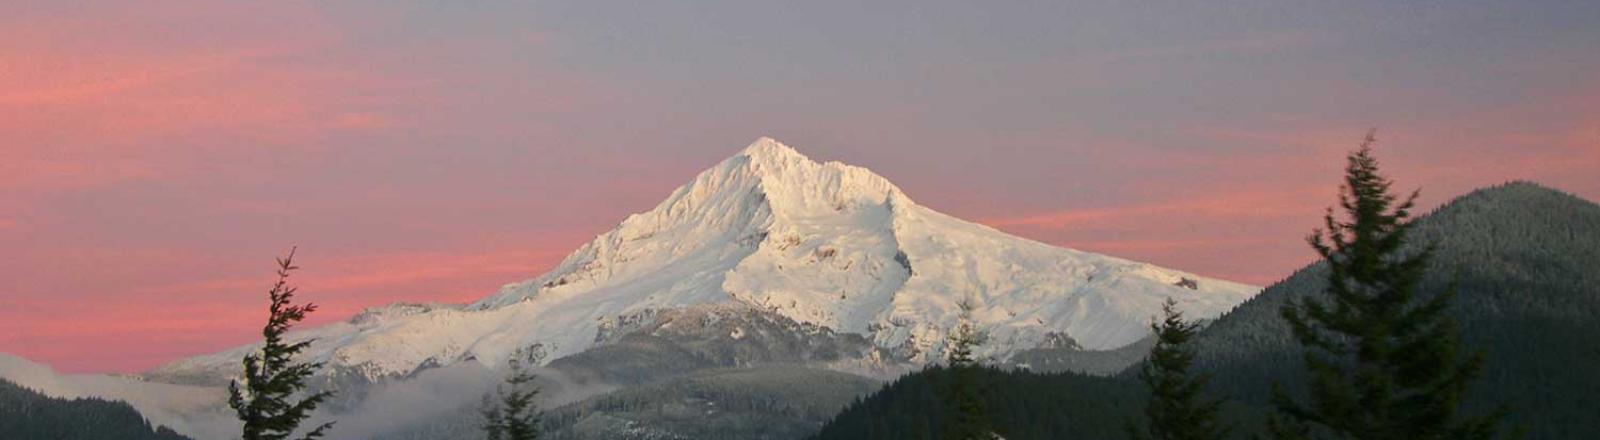 Mt Hood, Sunset